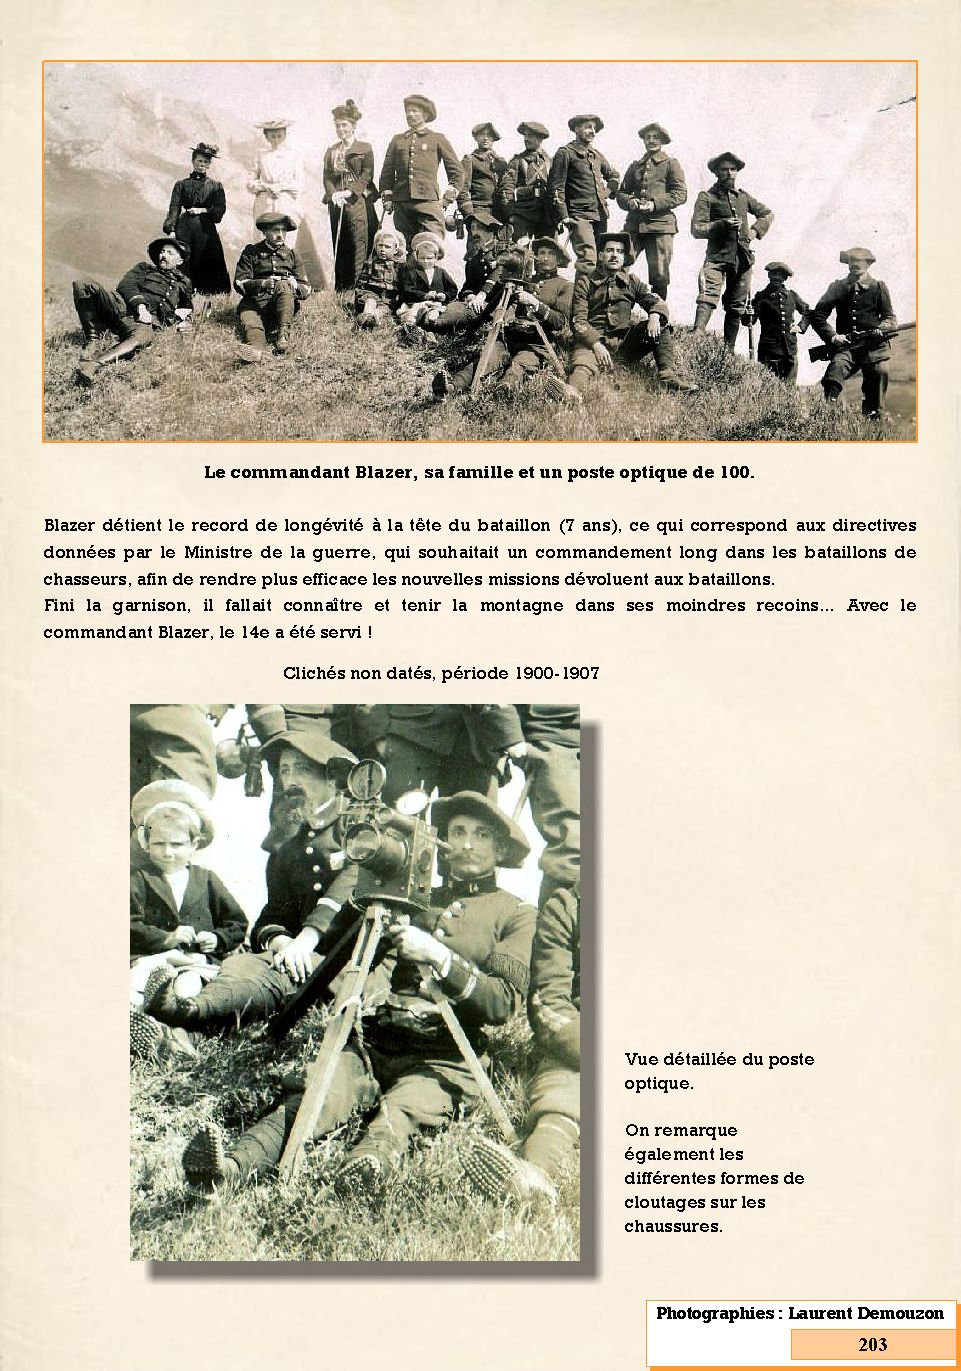 L'Historique du 14e Bataillon de Chasseurs. 1854 - 1962 203_pa10